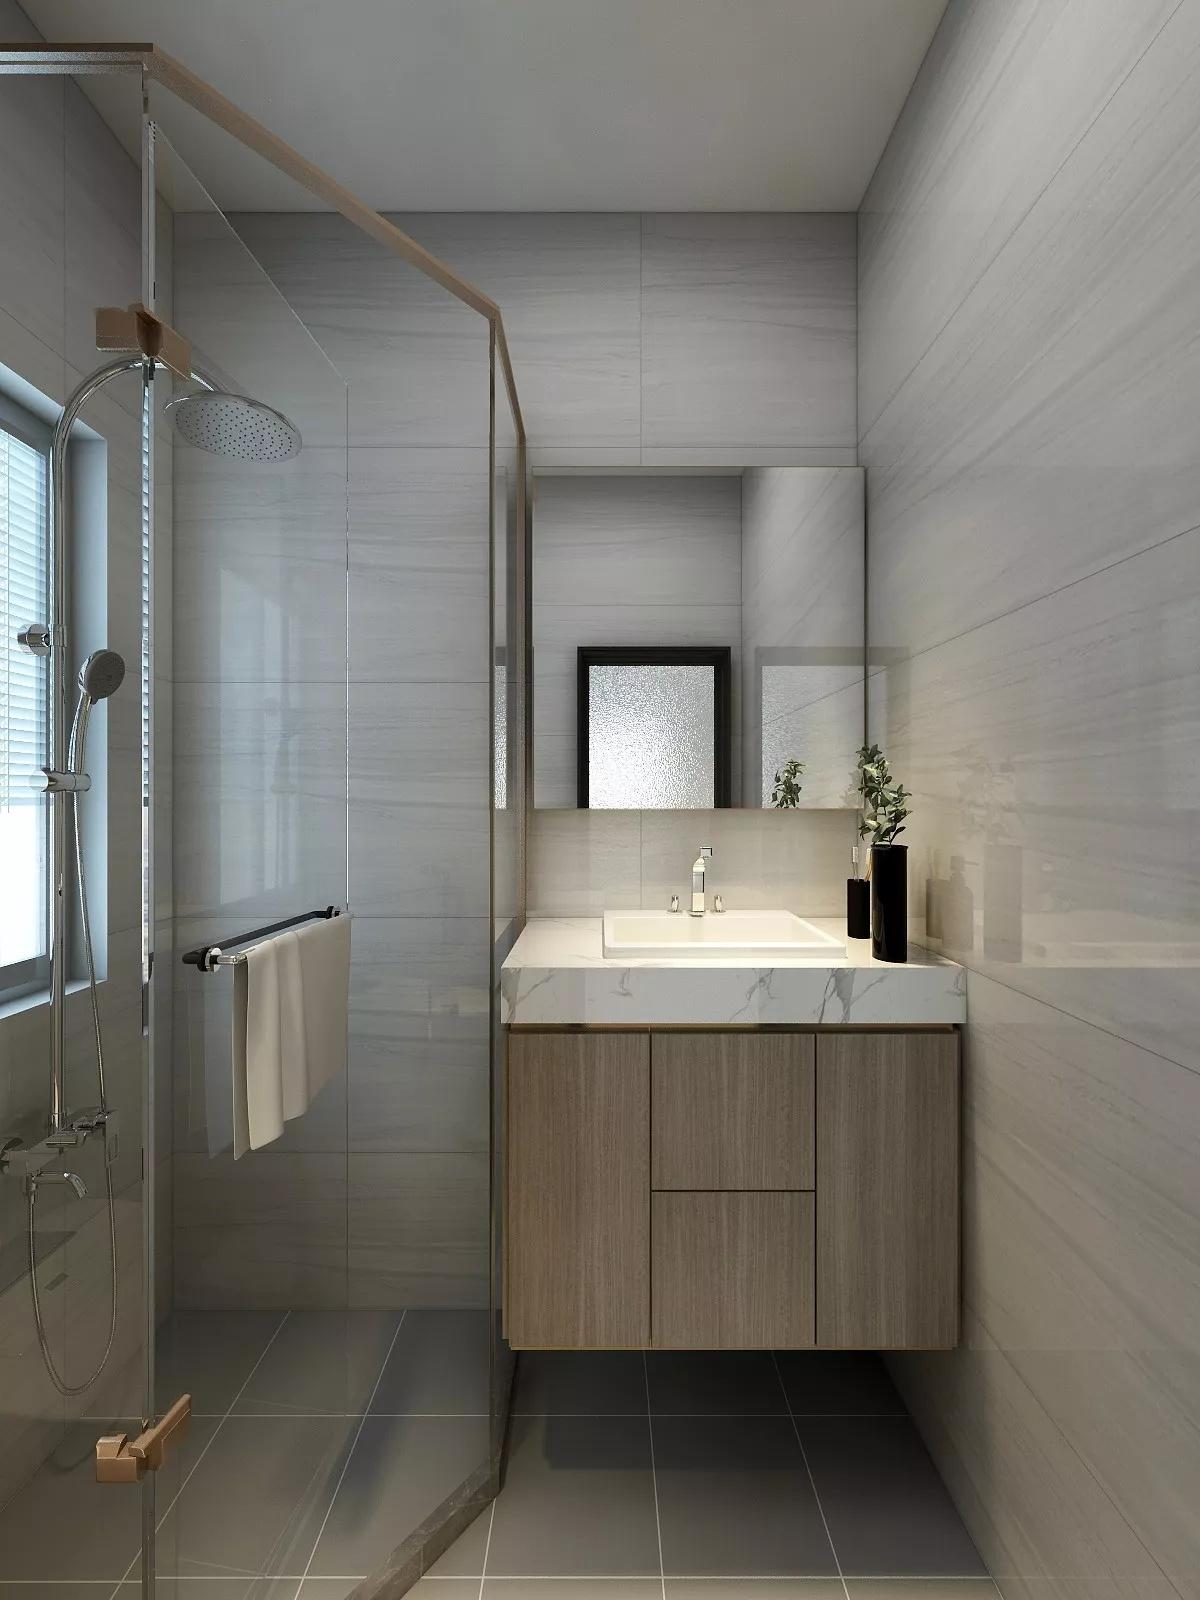 现代北欧混搭风格家居装修效果图